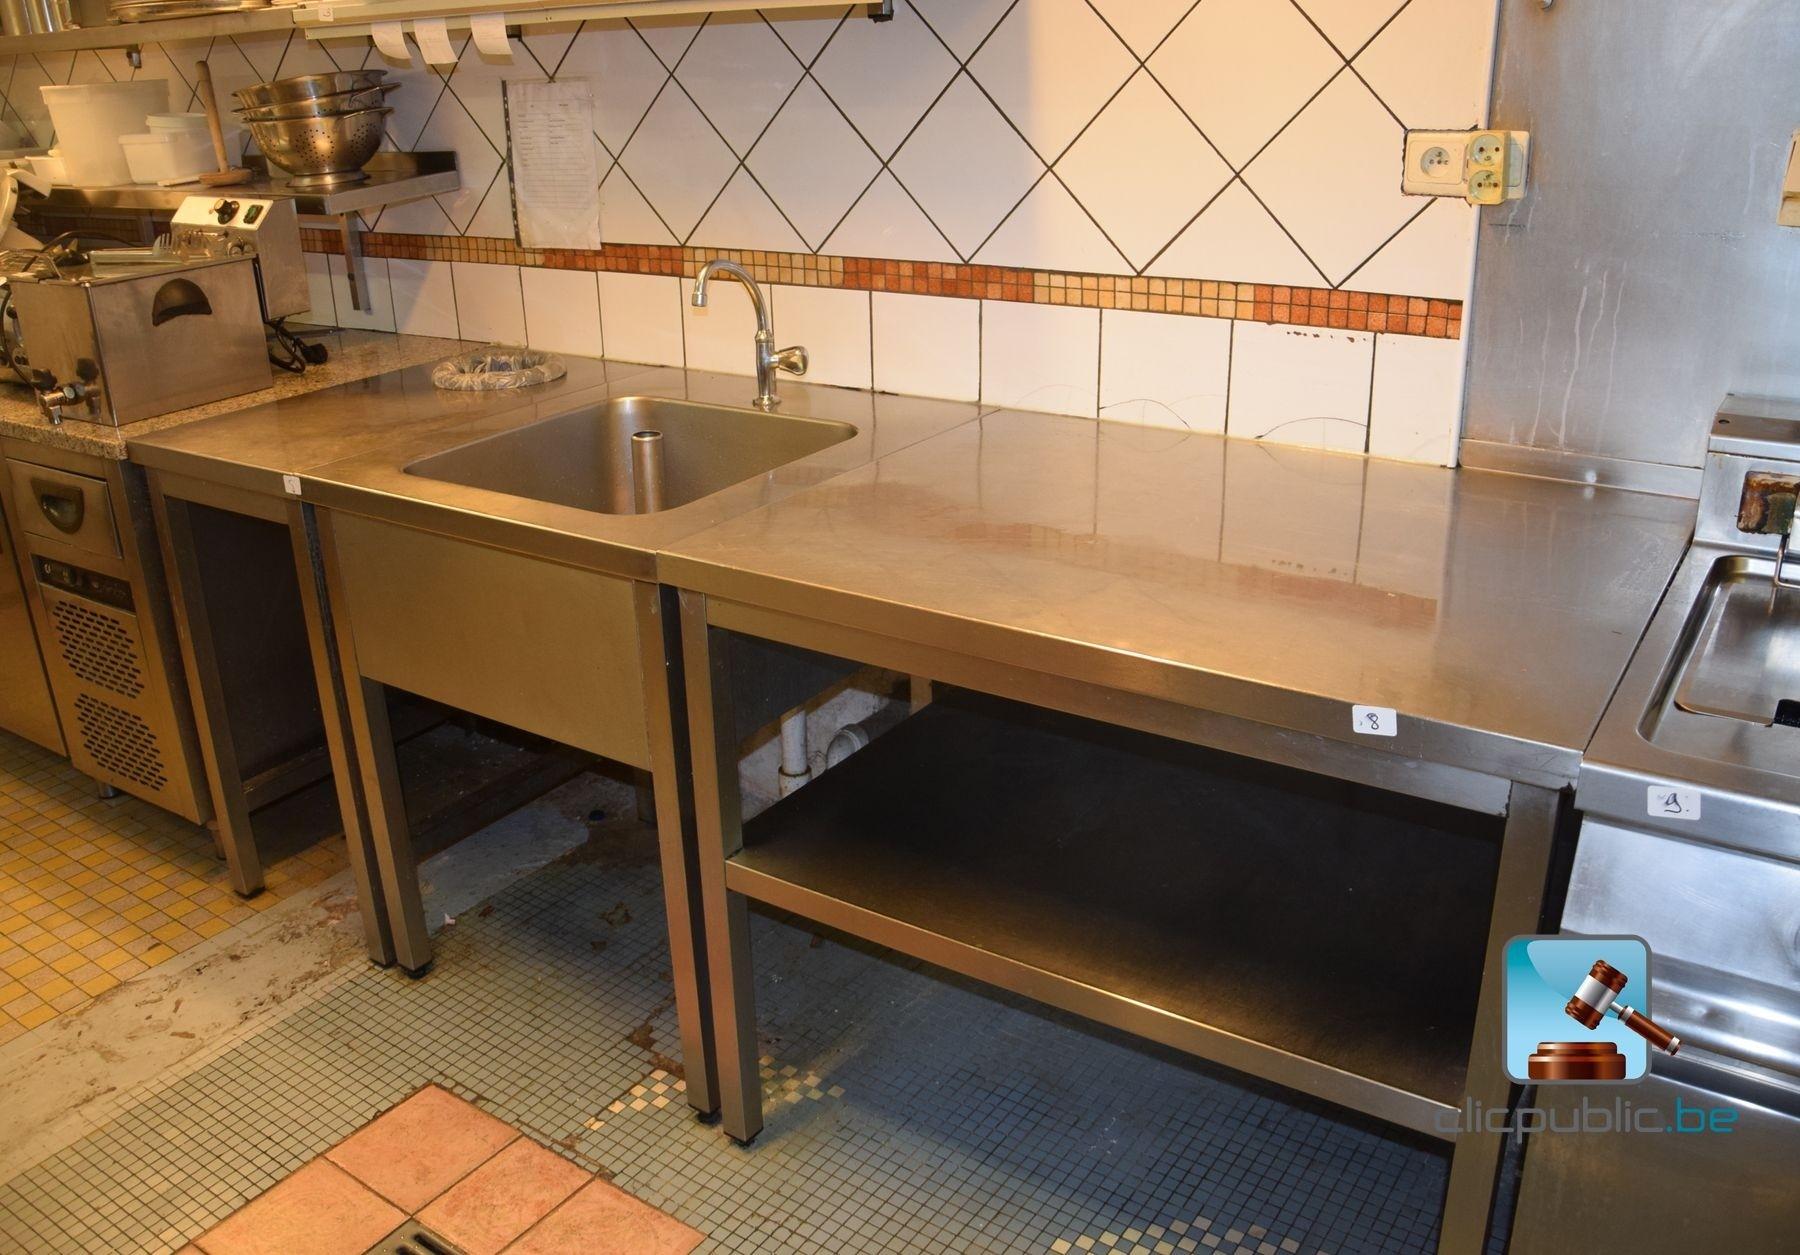 Stainless steel sink plan de travail et tag re ref 8 - Etagere pour plan de travail ...